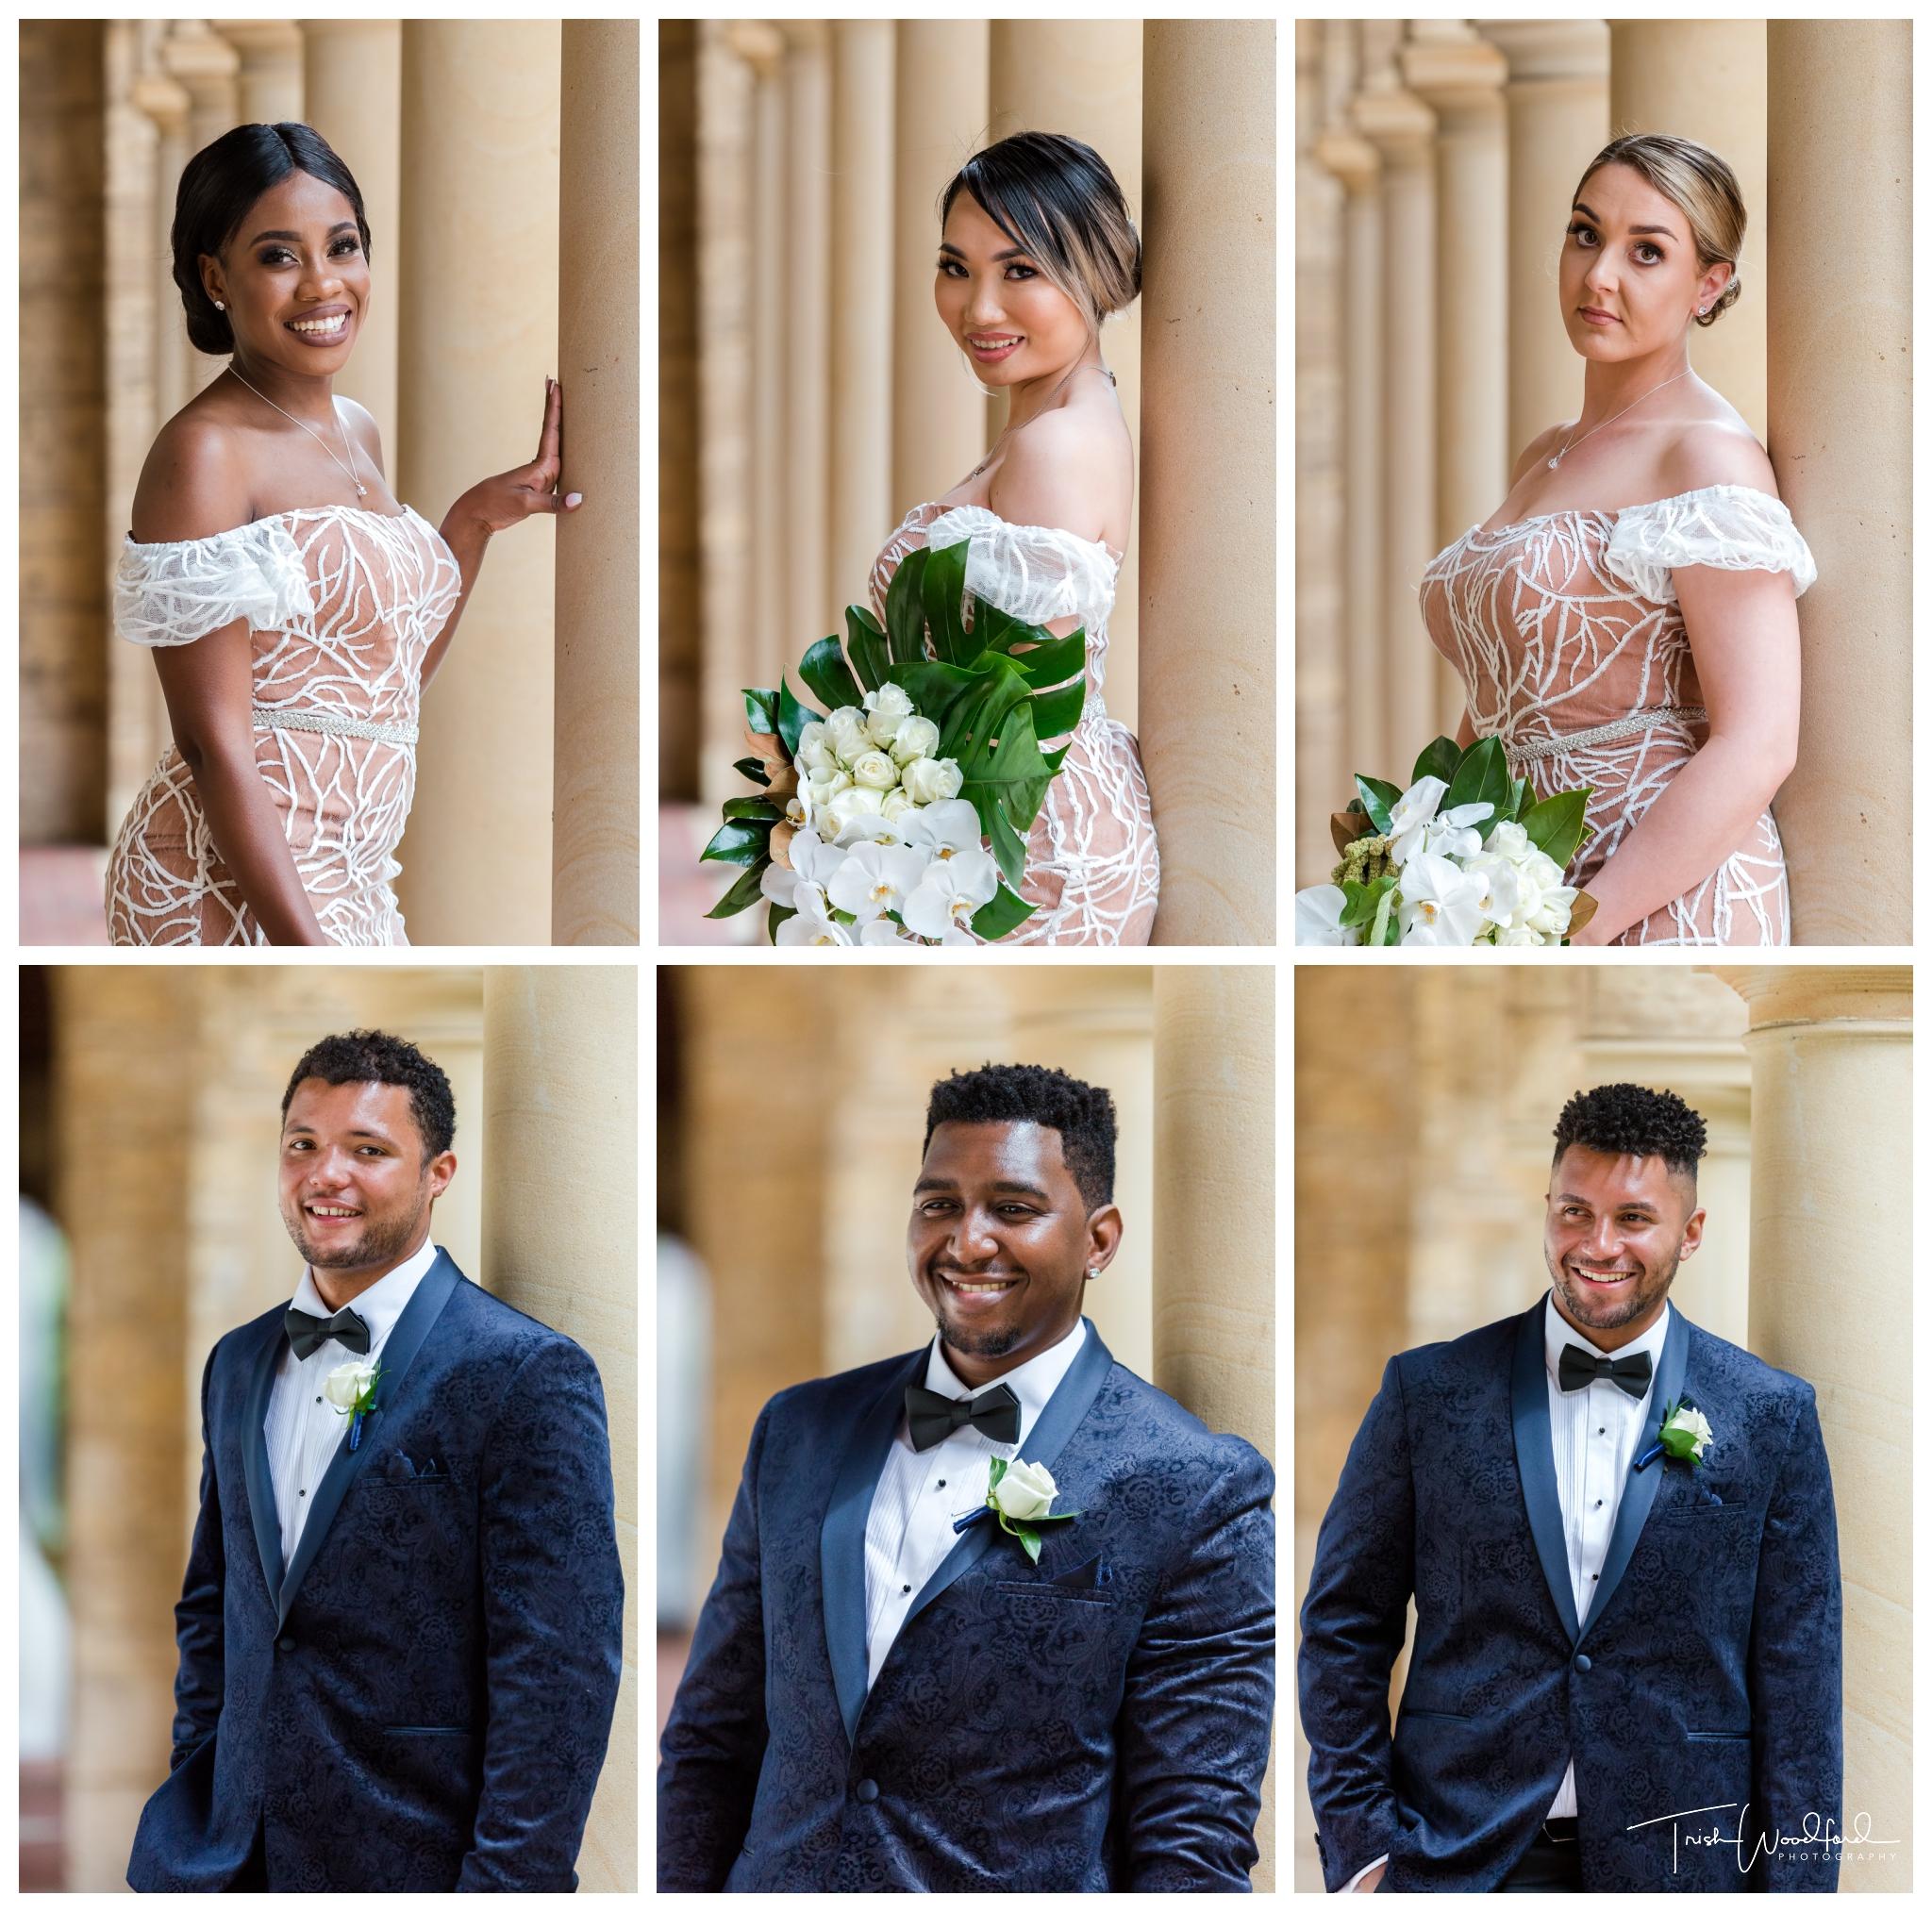 Bridesmaids and Groomsmen UWA